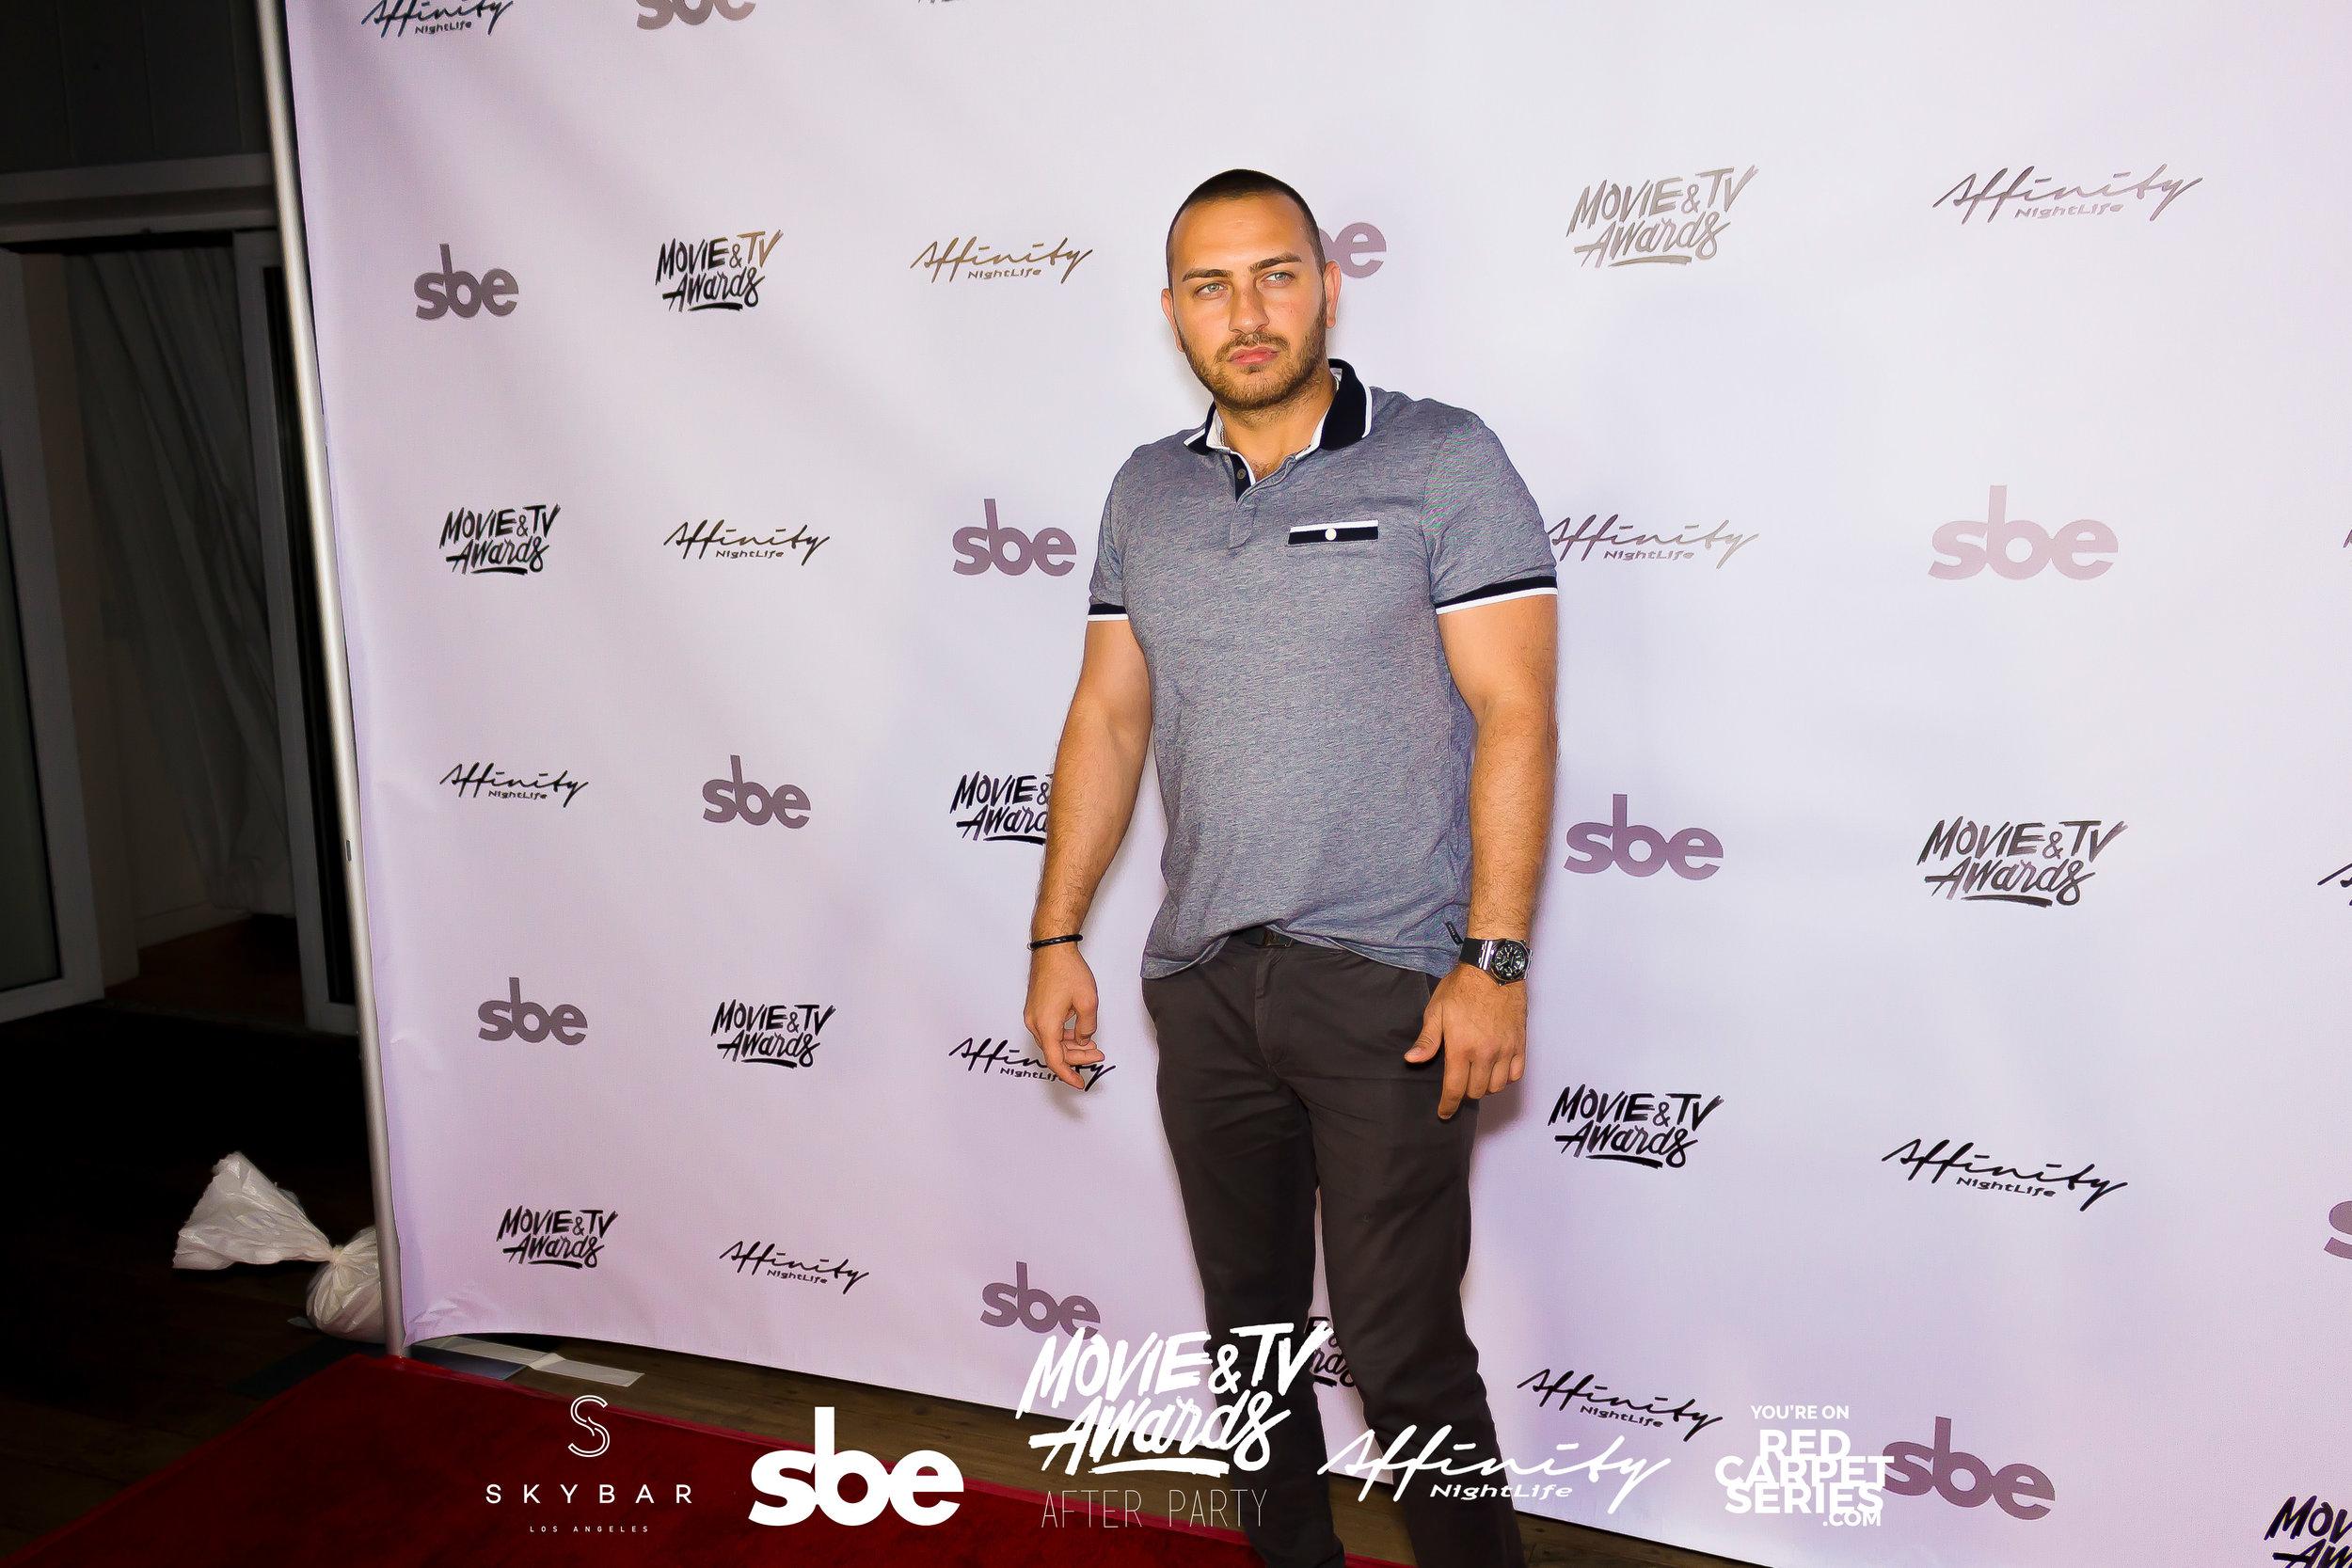 Affinity Nightlife MTV Movie & TV Awards After Party - Skybar at Mondrian - 06-15-19 - Vol. 1_14.jpg